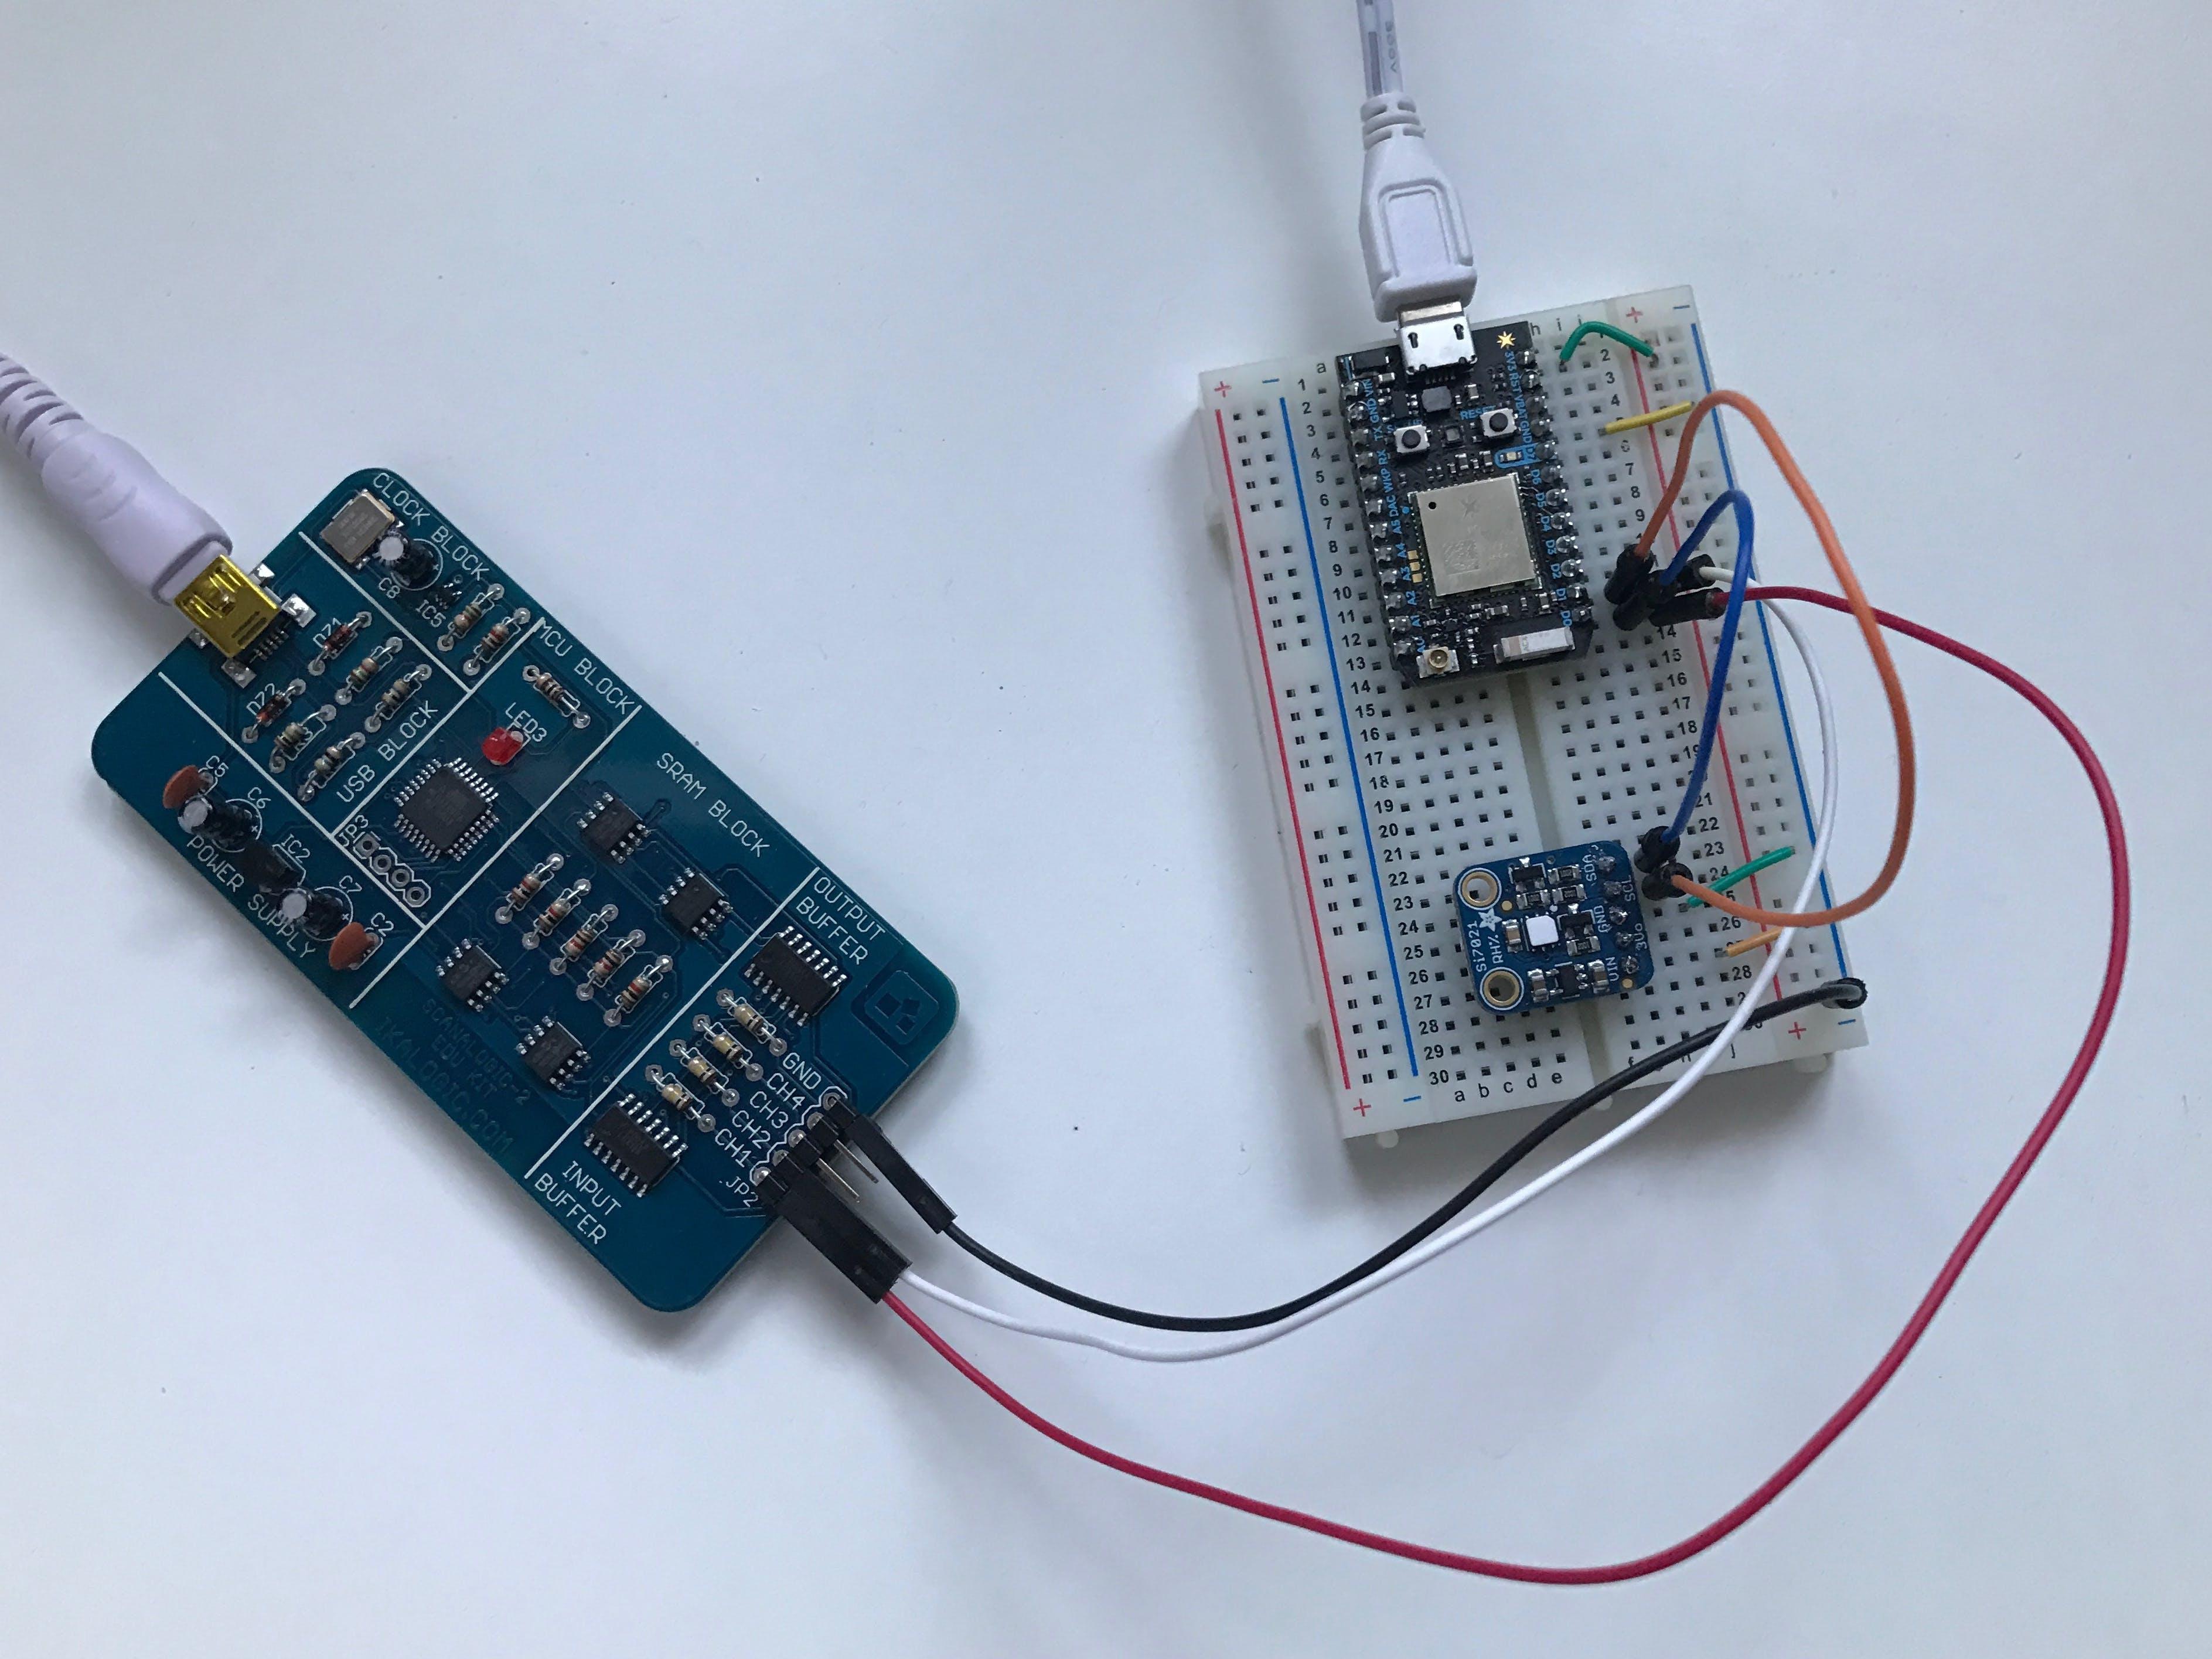 Analyze I2C sensor data with an inexpensive logic analyzer